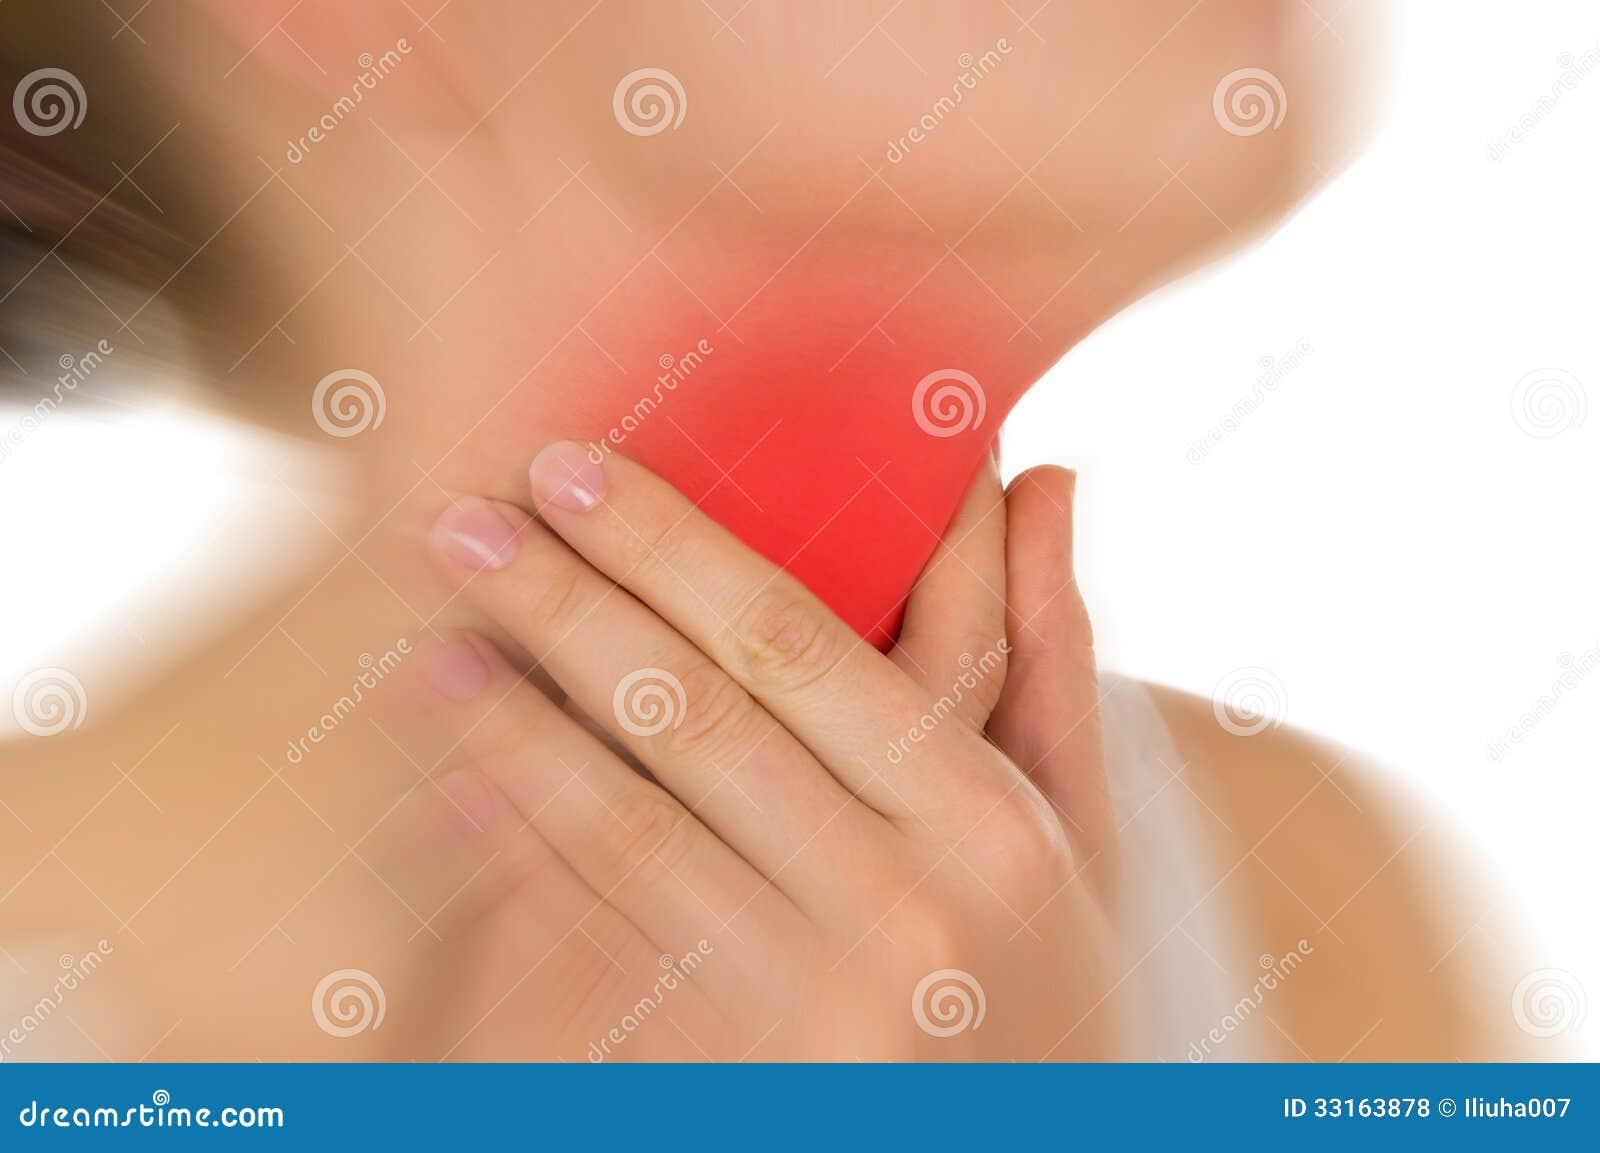 La gola irritata, indicata il rosso, tiene passato